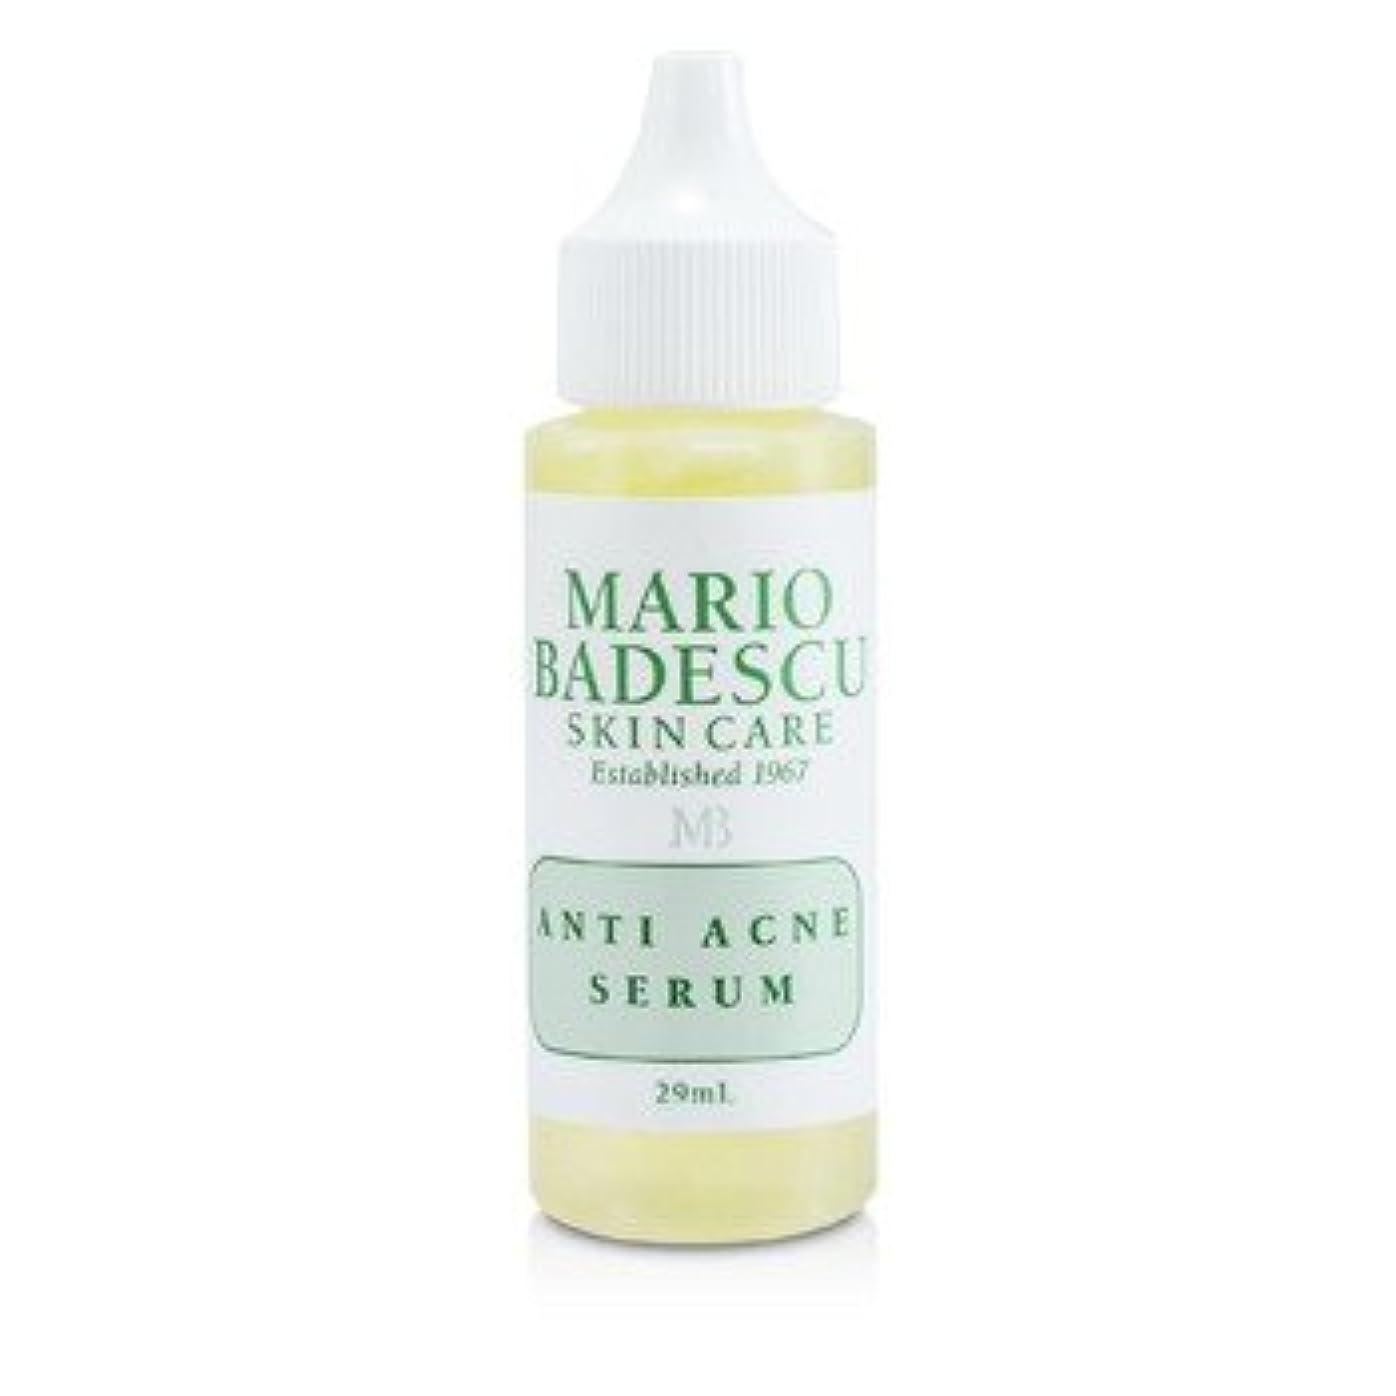 見通しスローうなずく[Mario Badescu] Anti-Acne Serum - For Combination/ Oily Skin Types 29ml/1oz